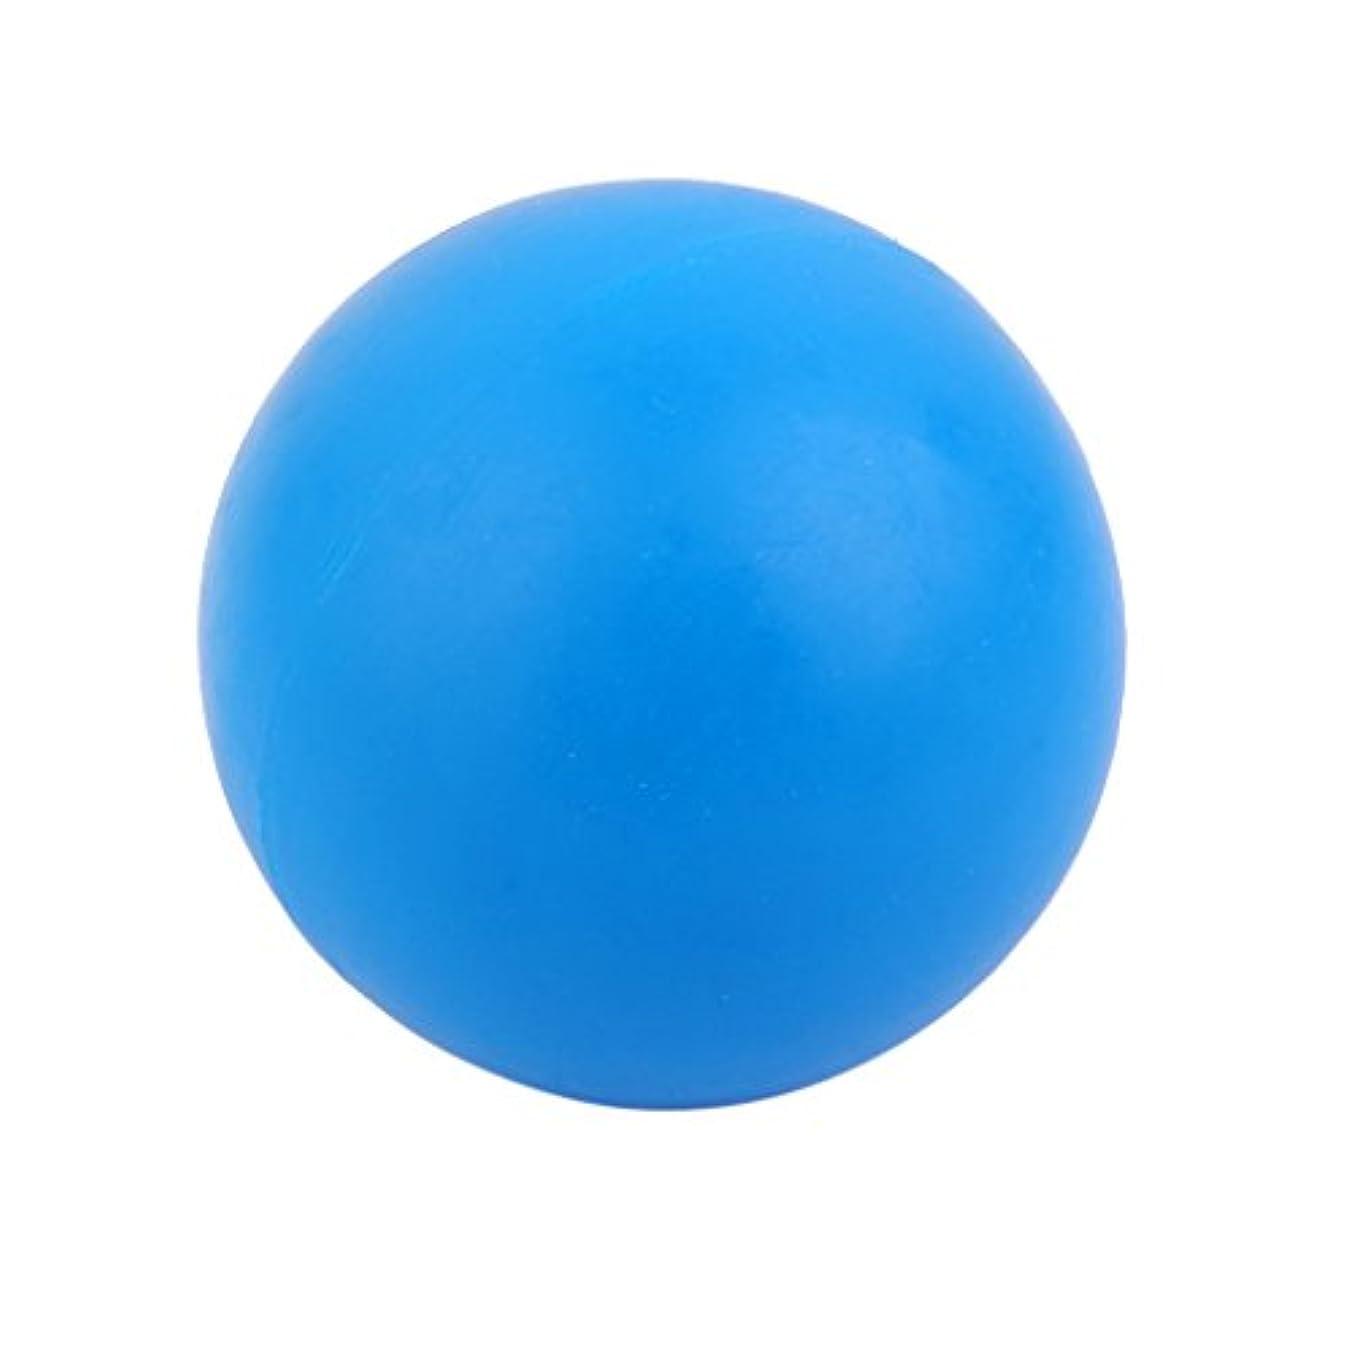 引退する嵐が丘読み書きのできないマッサージボール 反応ボール トレーニングボール